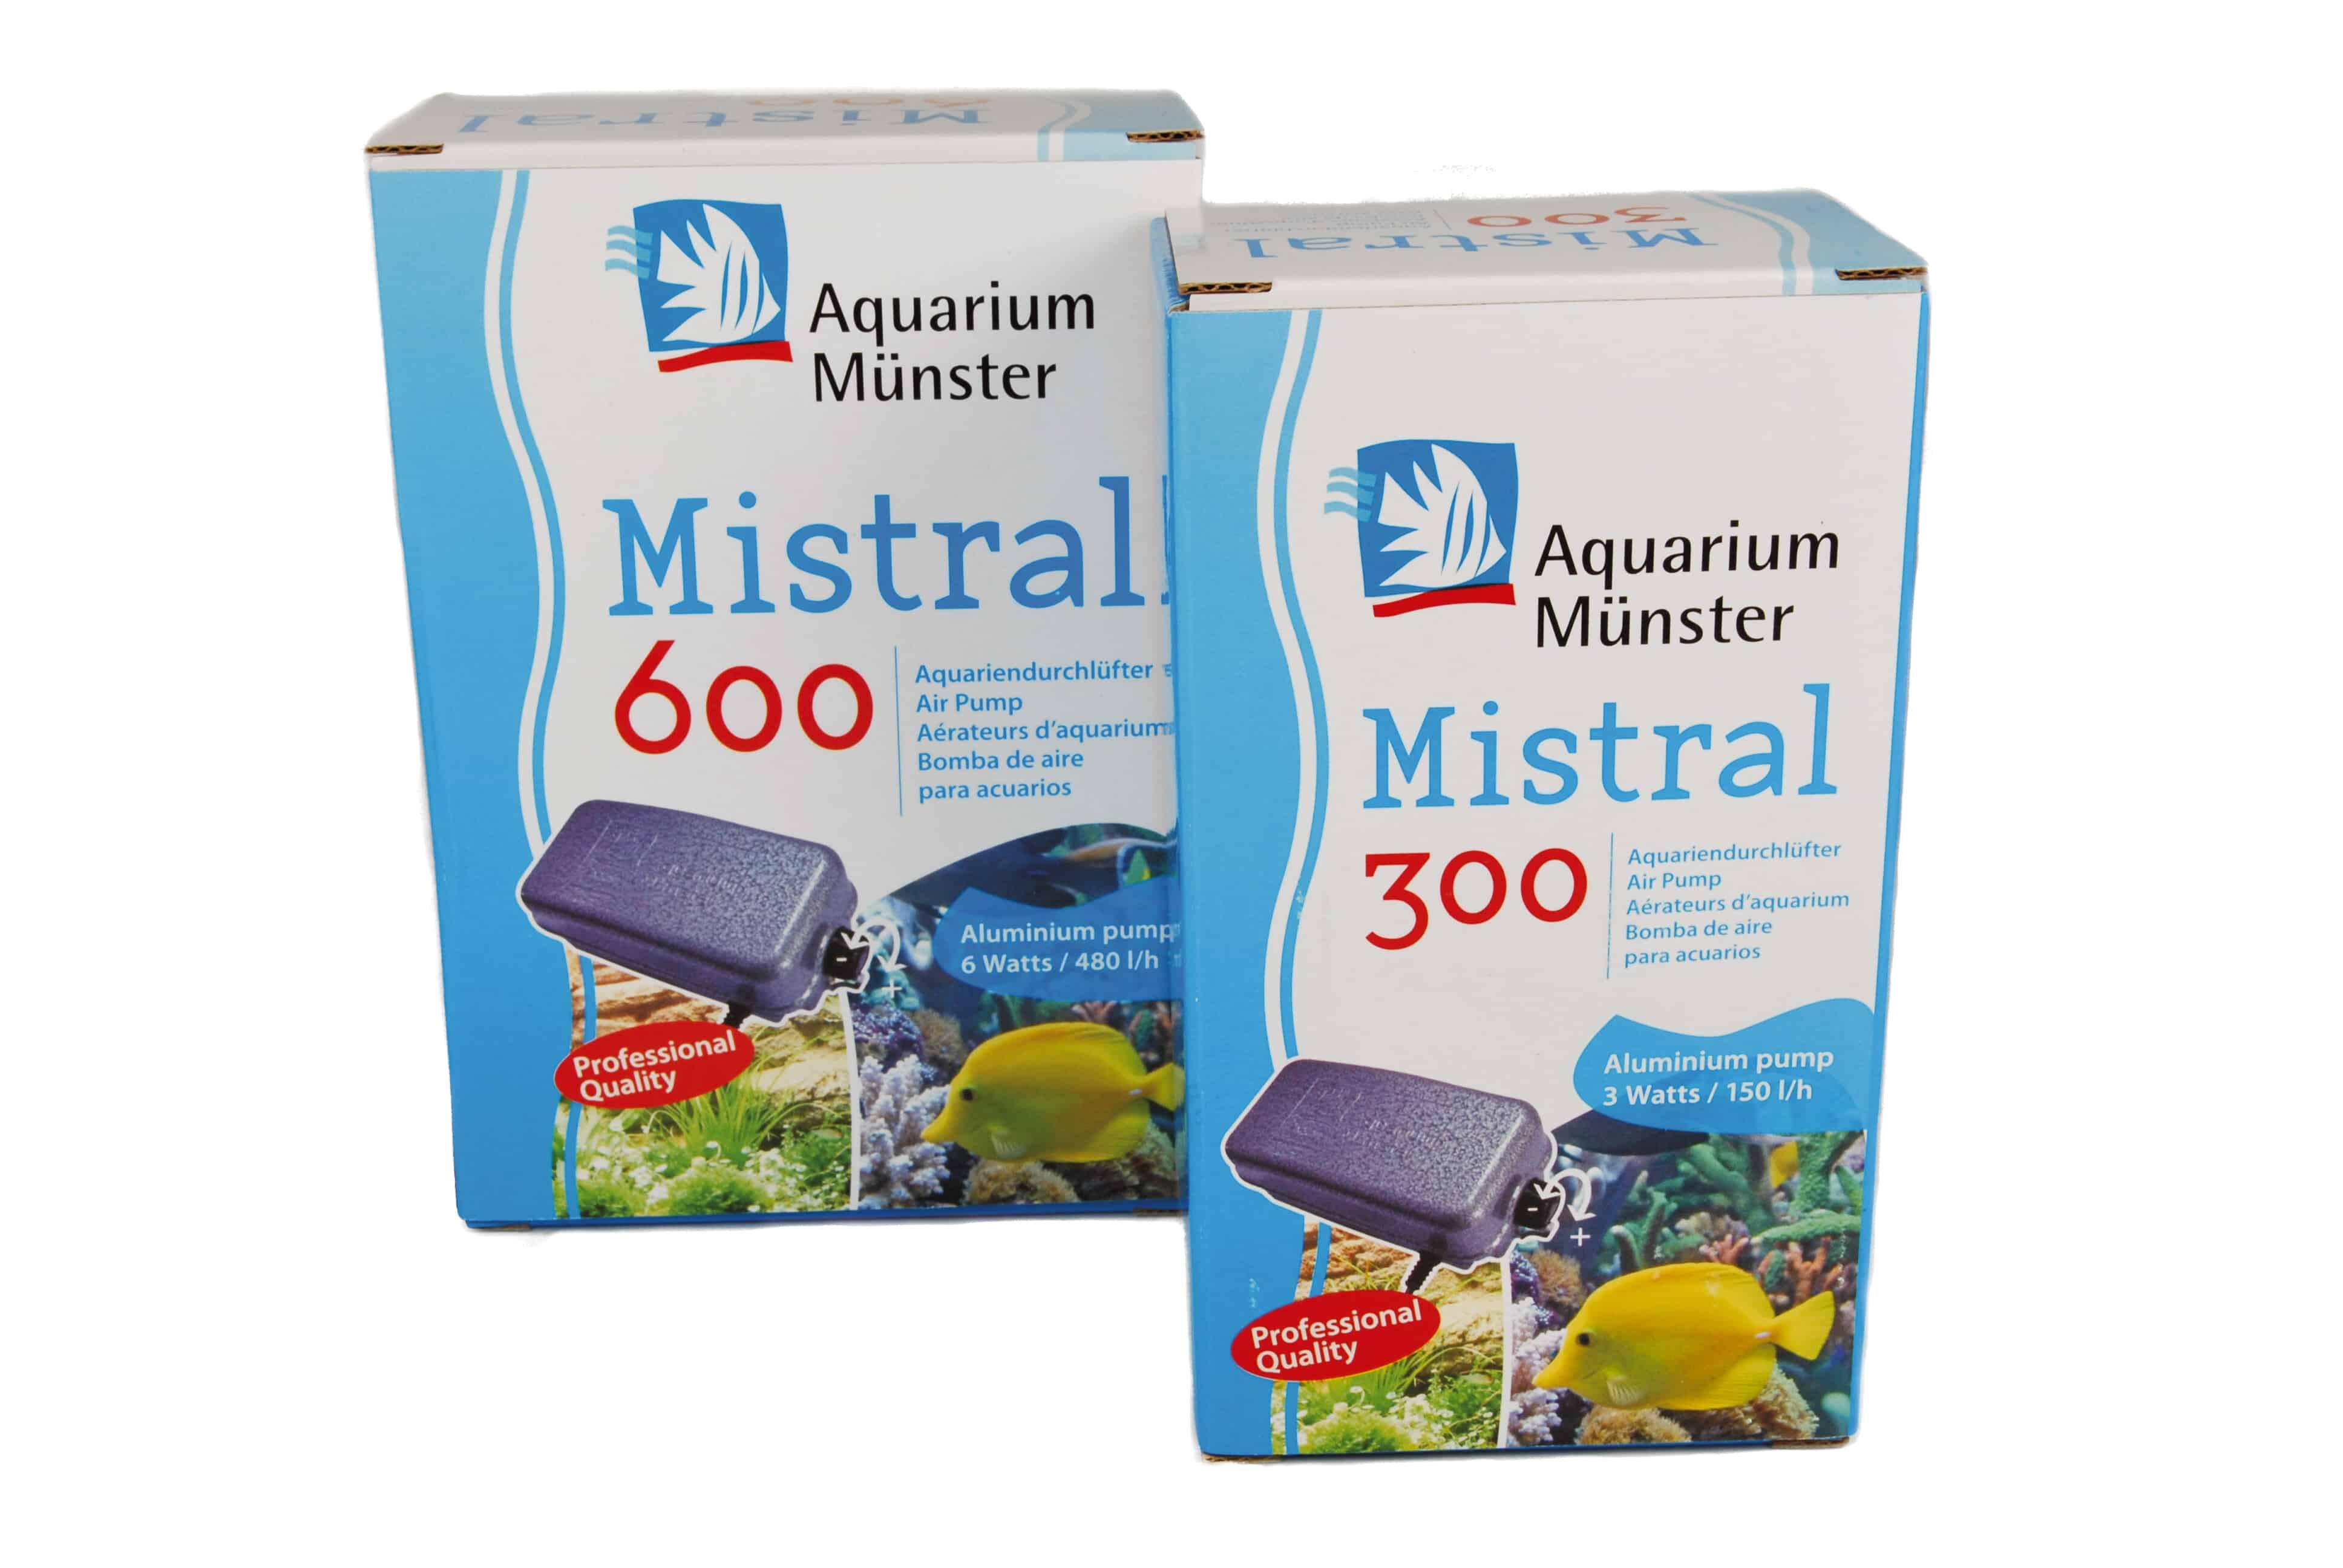 MISTRAL 300 + 600